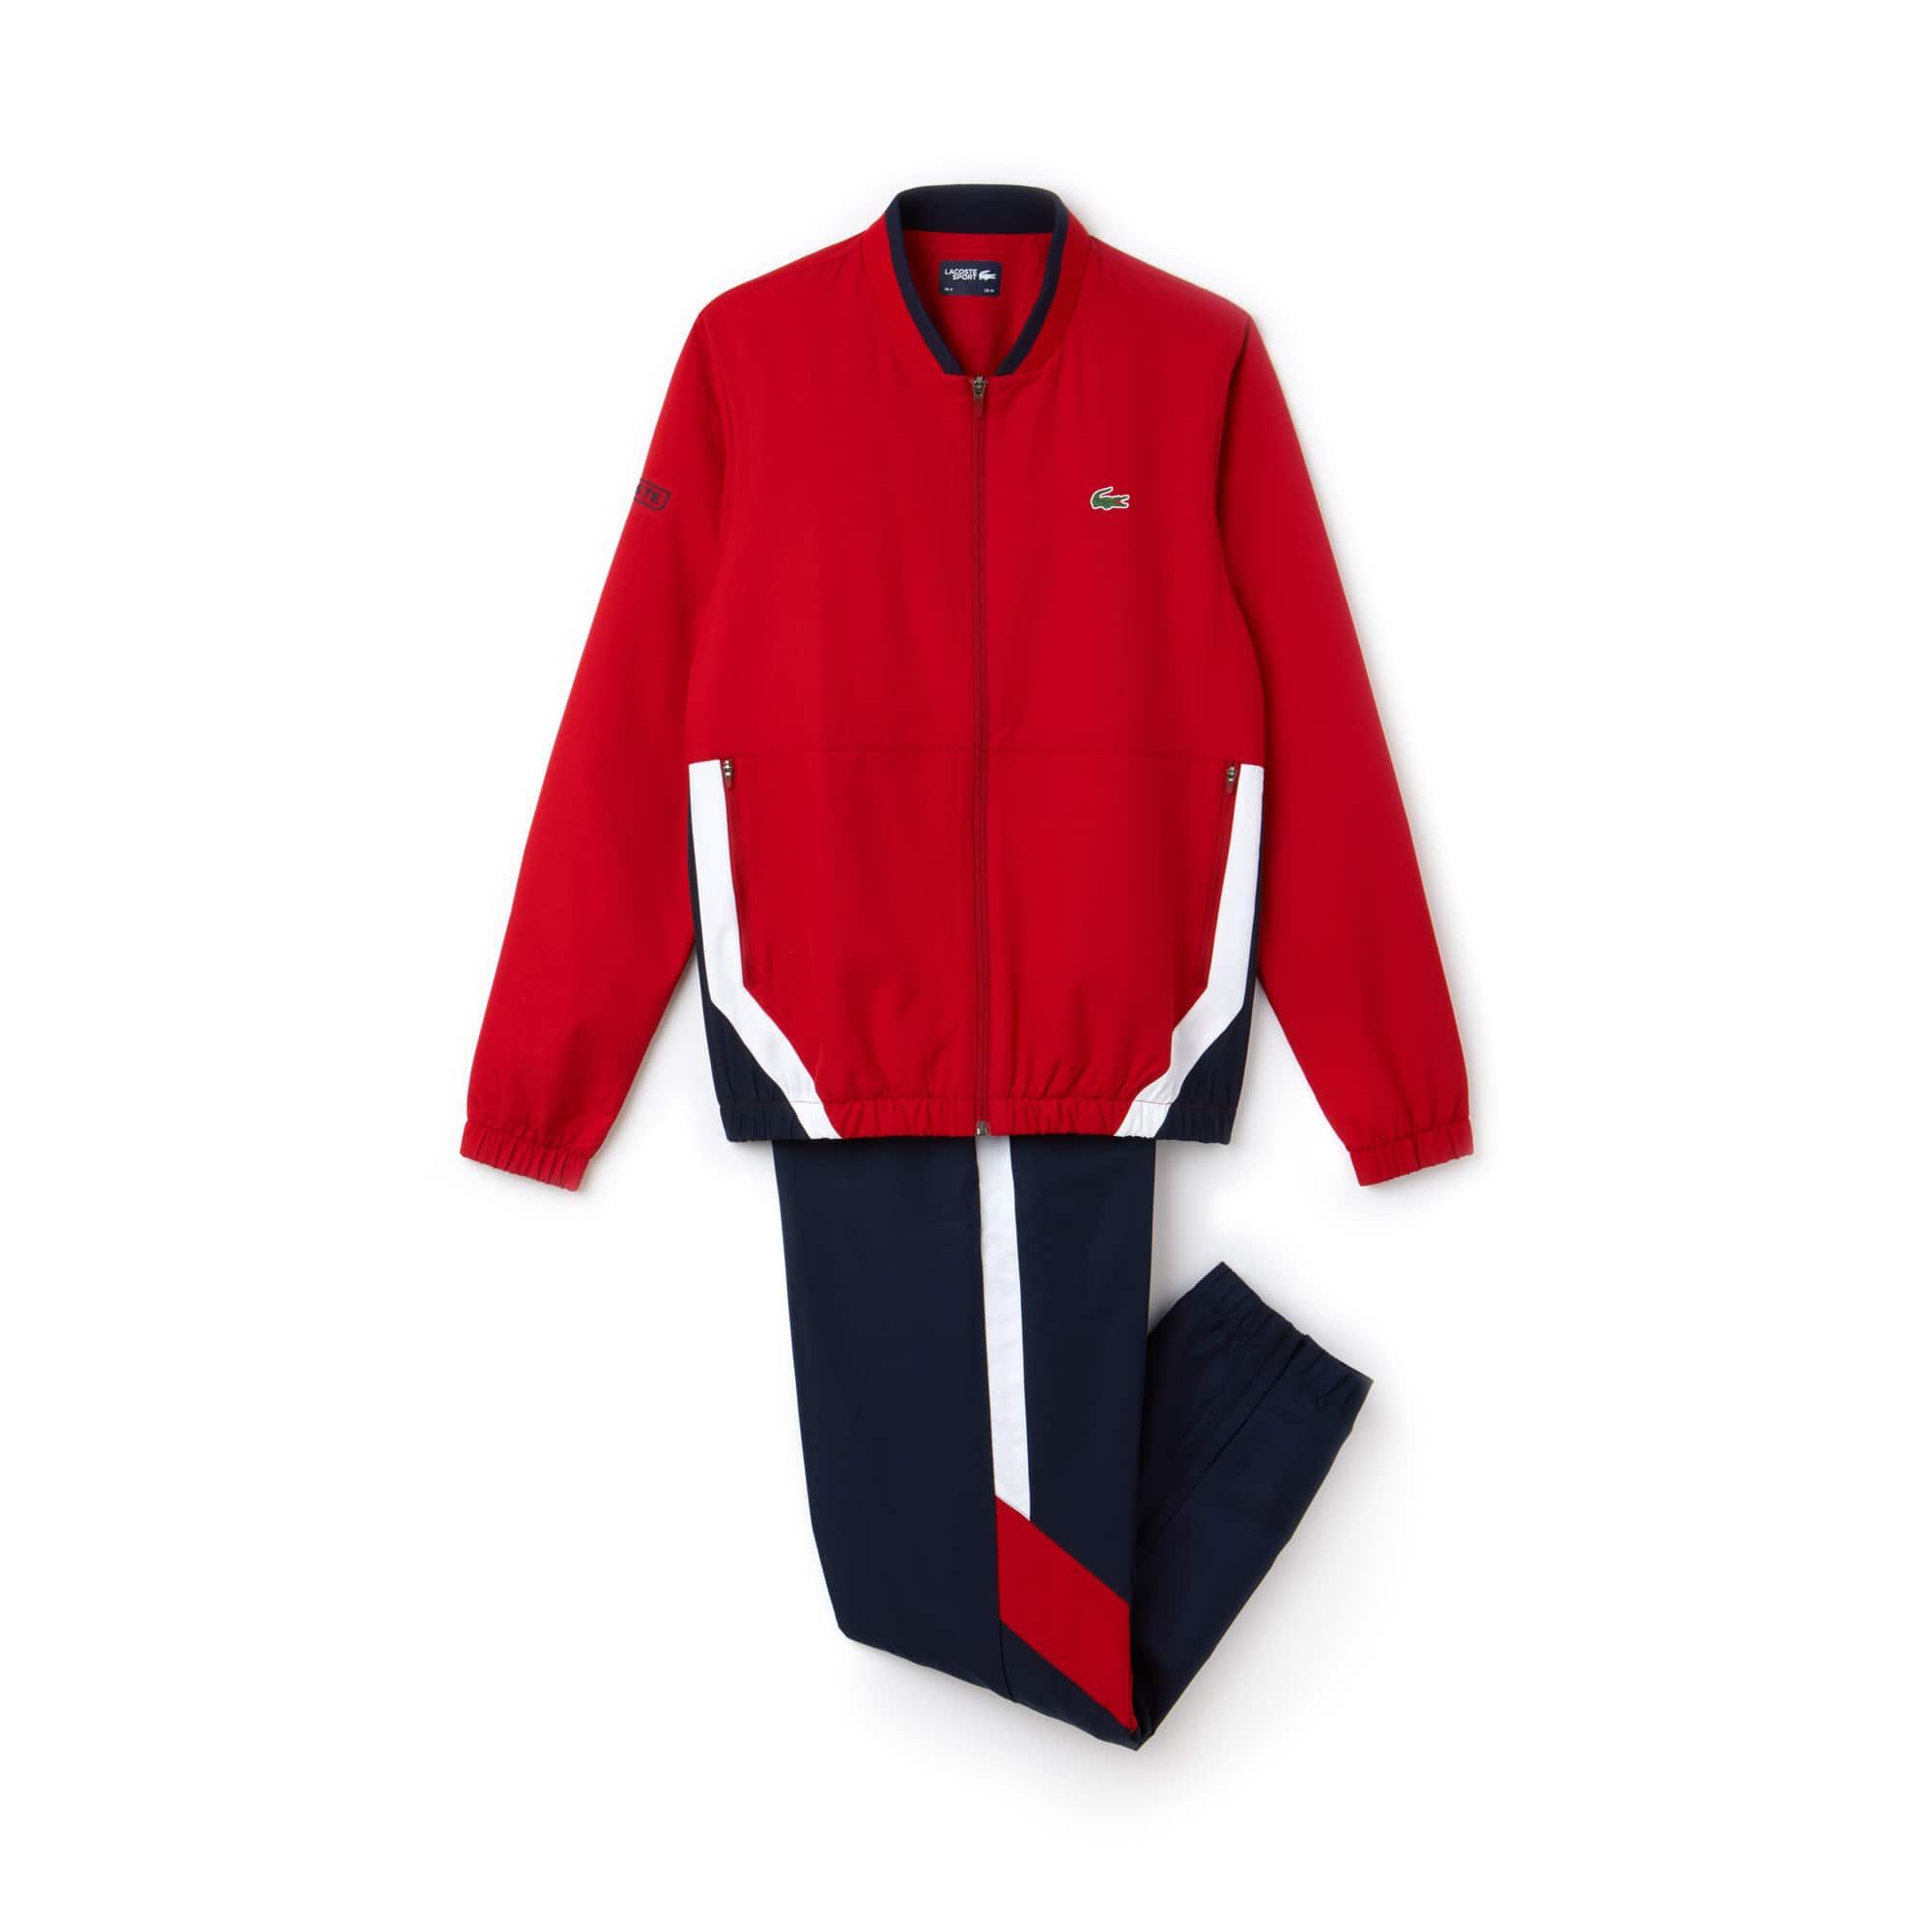 HommeVêtements Lacoste Sport Survêtements Survêtements Survêtements HommeVêtements HommeVêtements Lacoste Lacoste Sport Nm0v8nOw